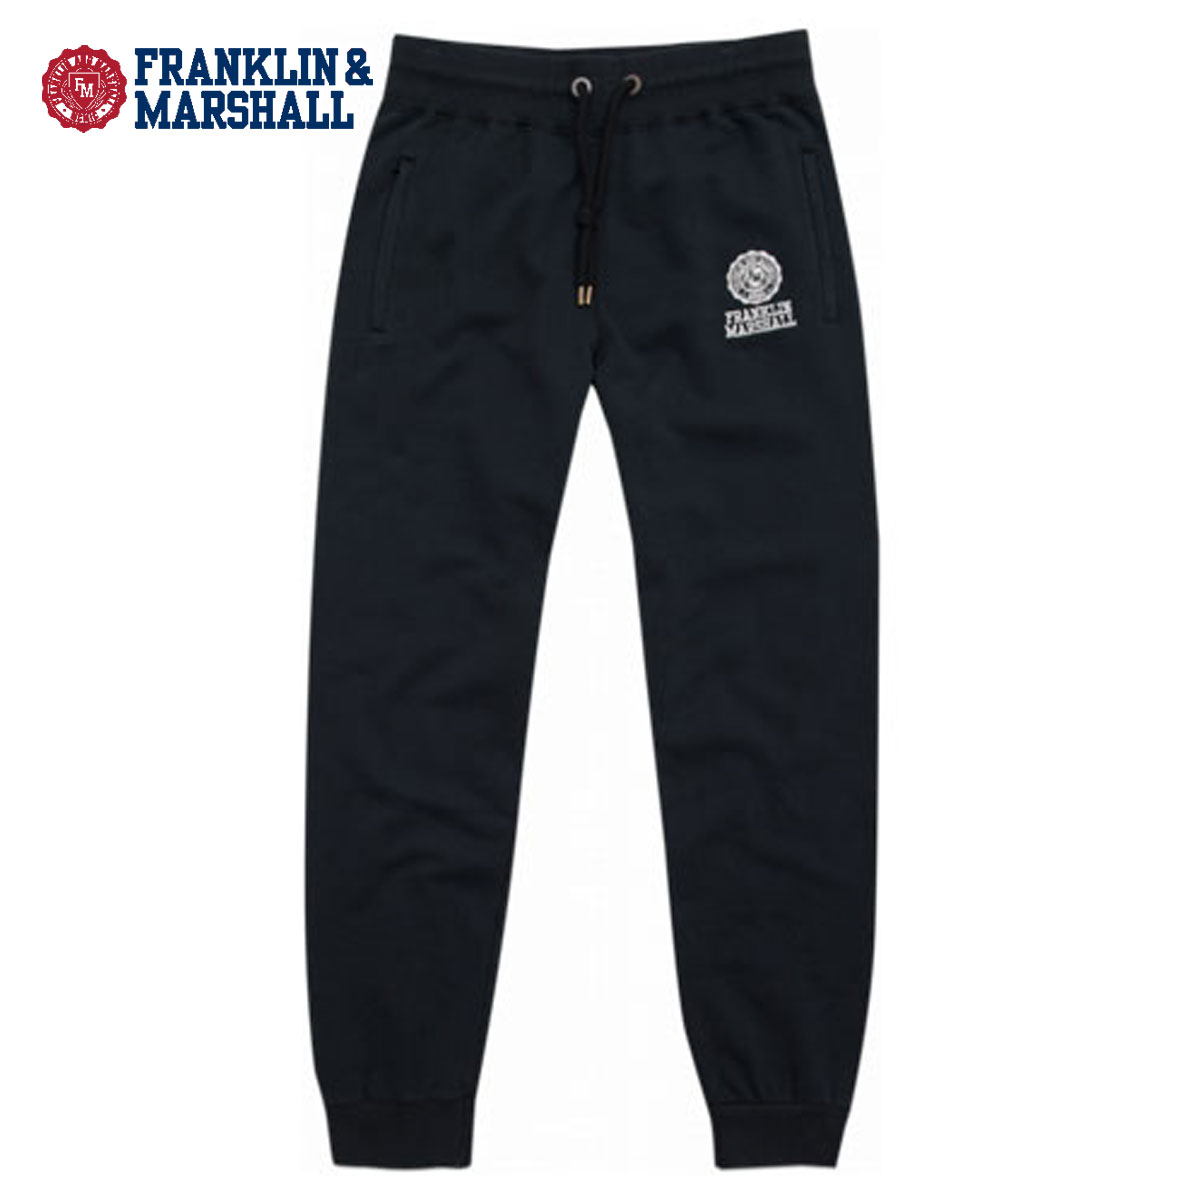 フランクリン マーシャル FRANKLIN&MARSHALL 正規販売店 メンズ スウェットパンツ SWEAT PANTS BLACK PAMCA412 0021 2008 D15S25